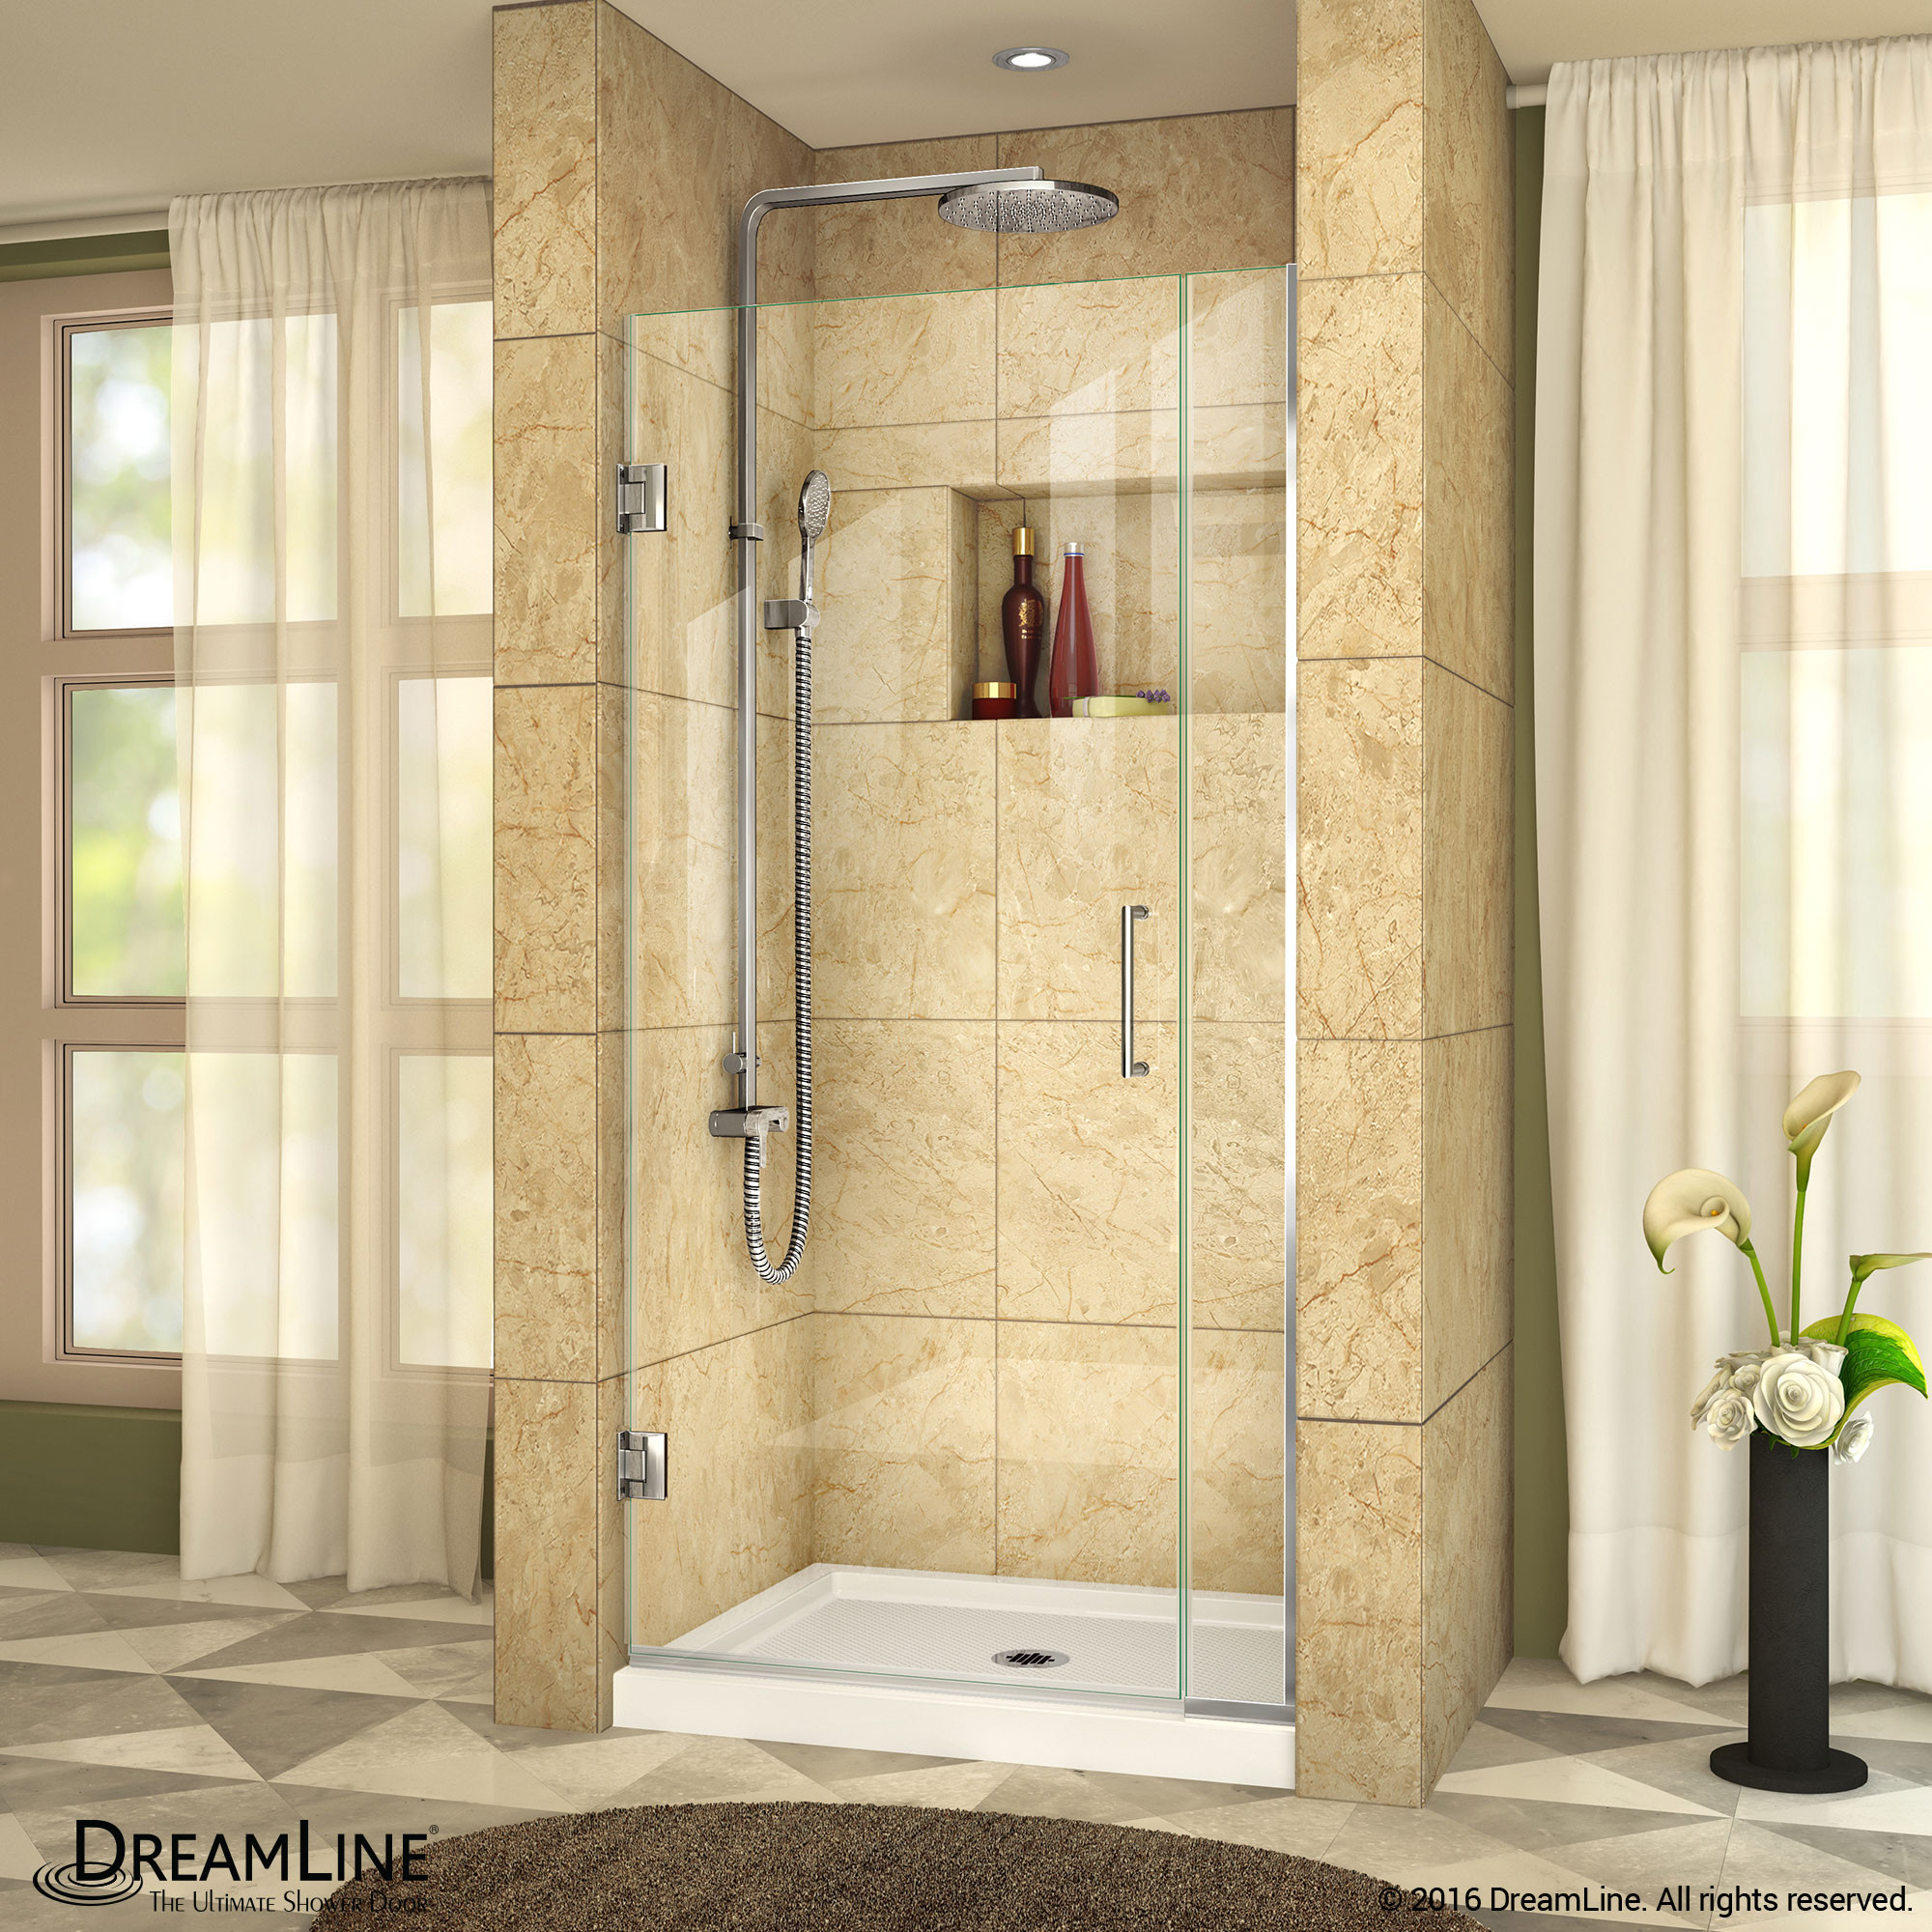 DreamLine SHDR-243307210-01 Unidoor Plus Min Hinged Shower Door In Chrome Hardware